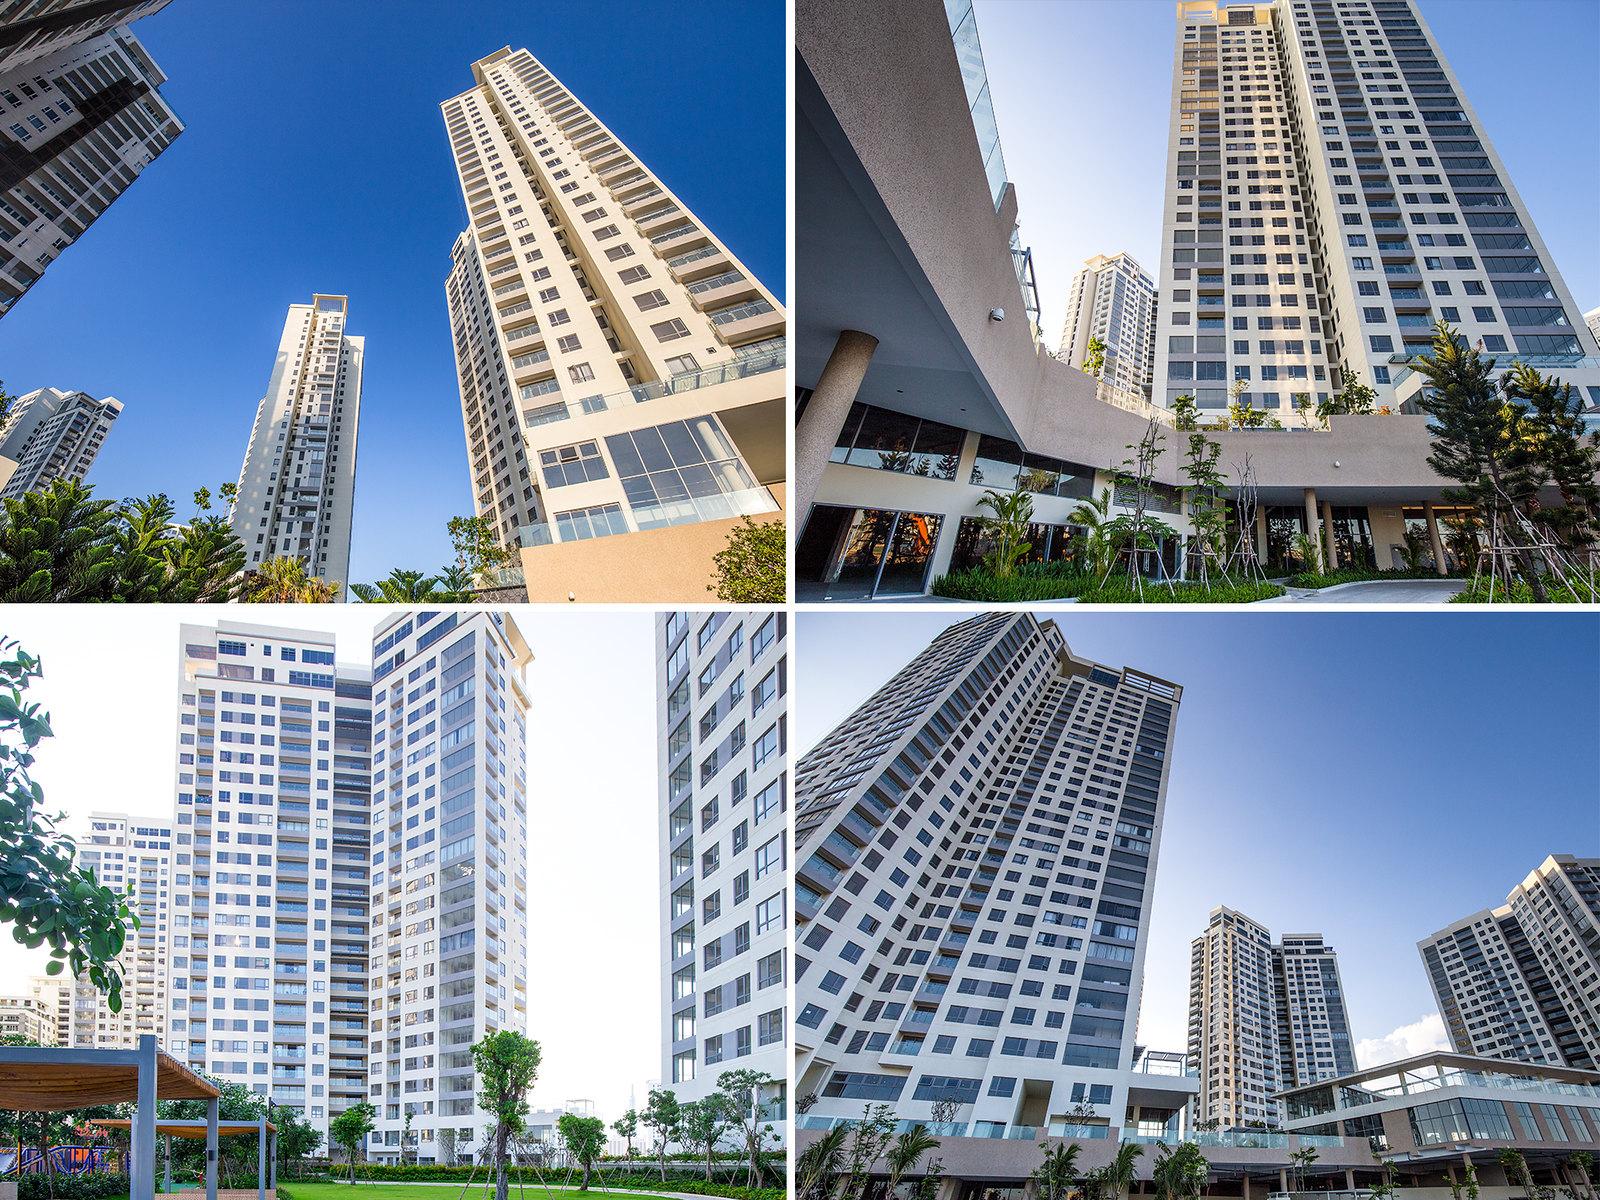 Các toà tháp cùng nhiều căn hộ với sự đa dạng và đẳng cấp tại Đảo Kim Cương